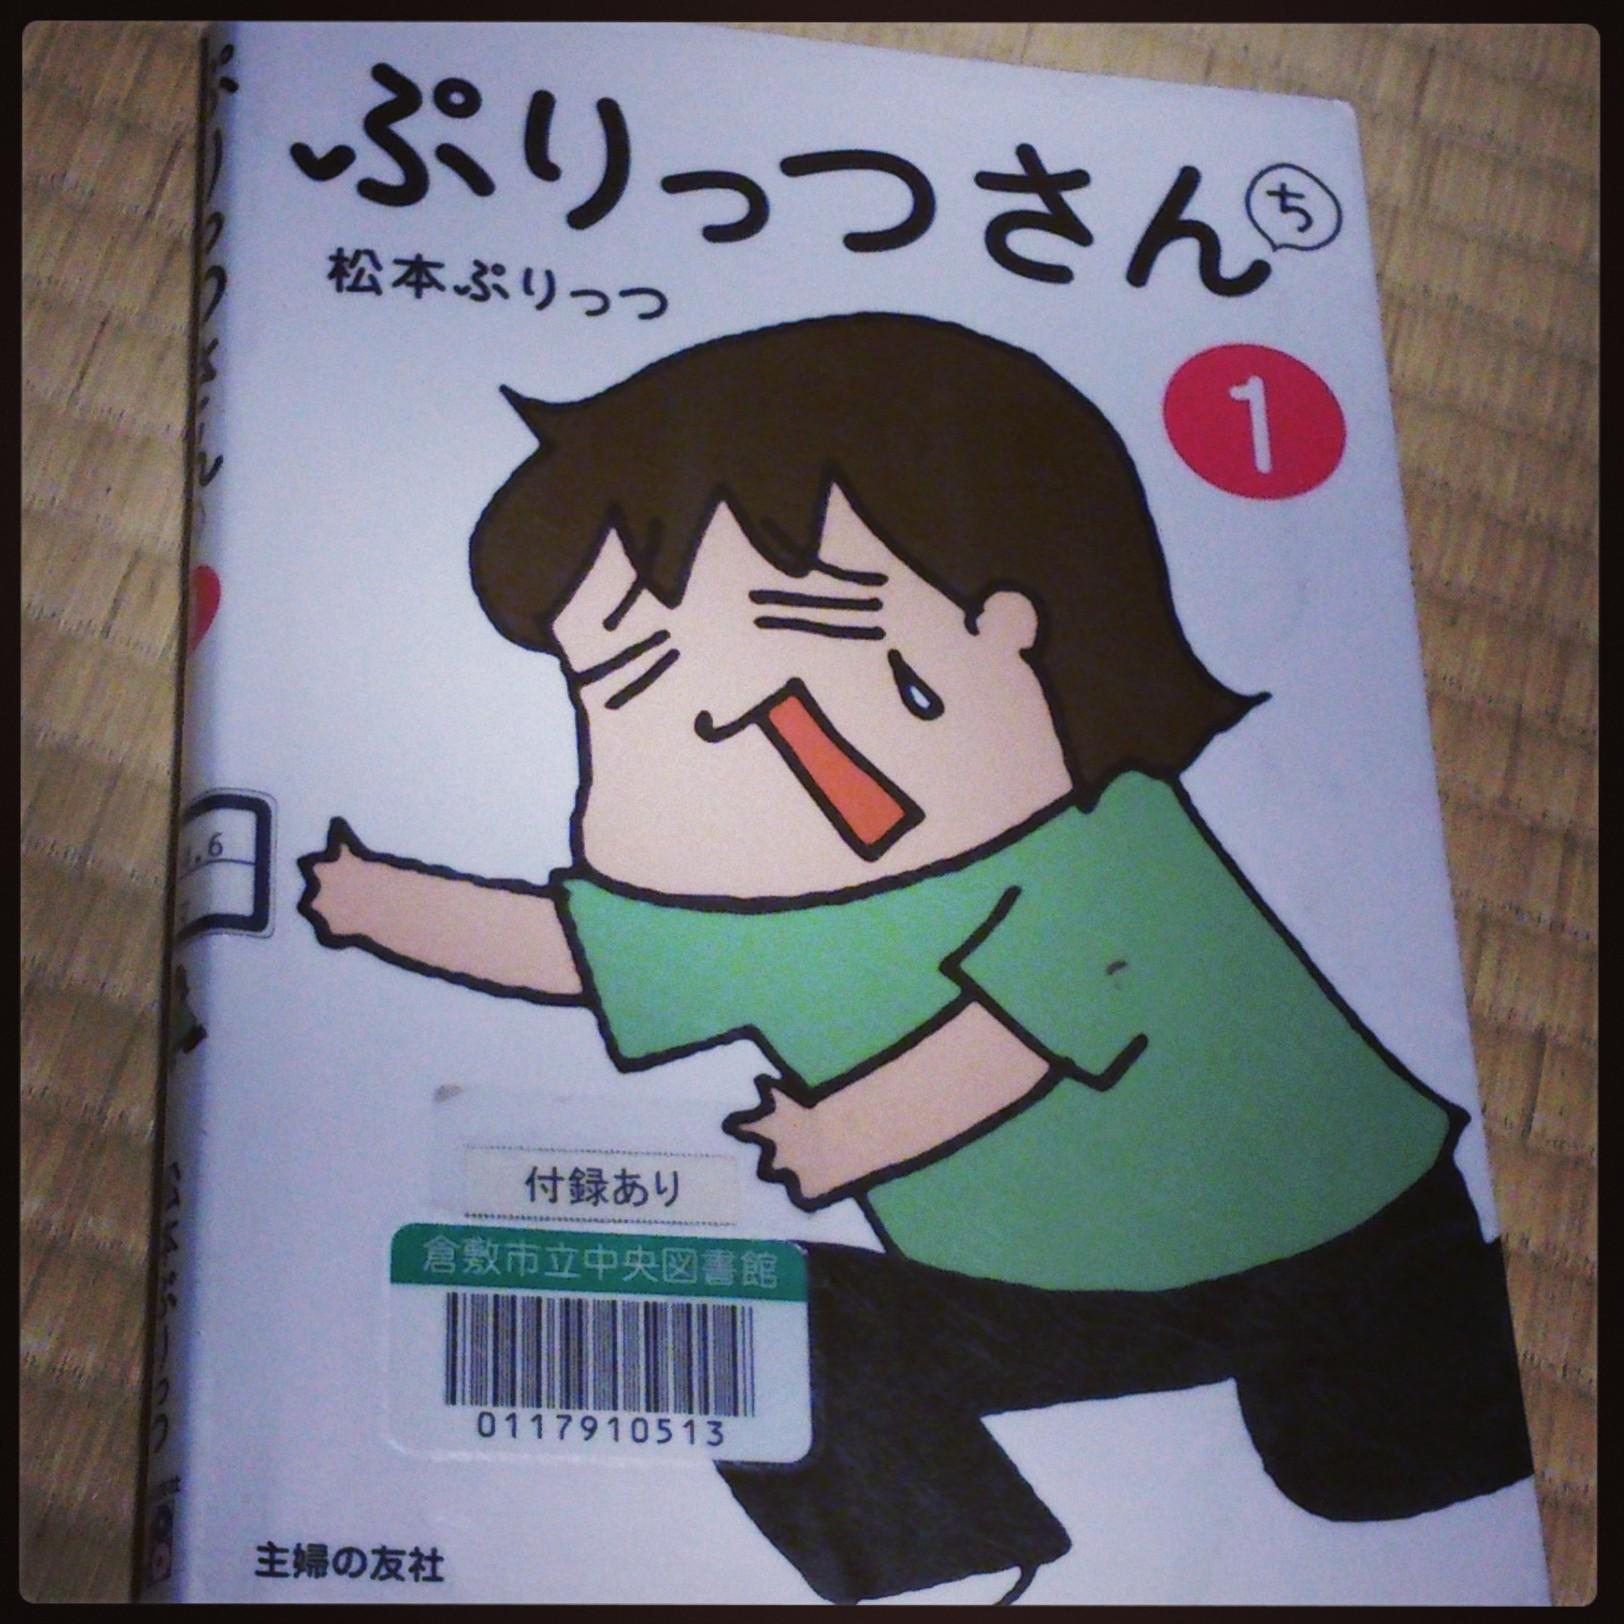 「ぷりっつさんち」を読みました。